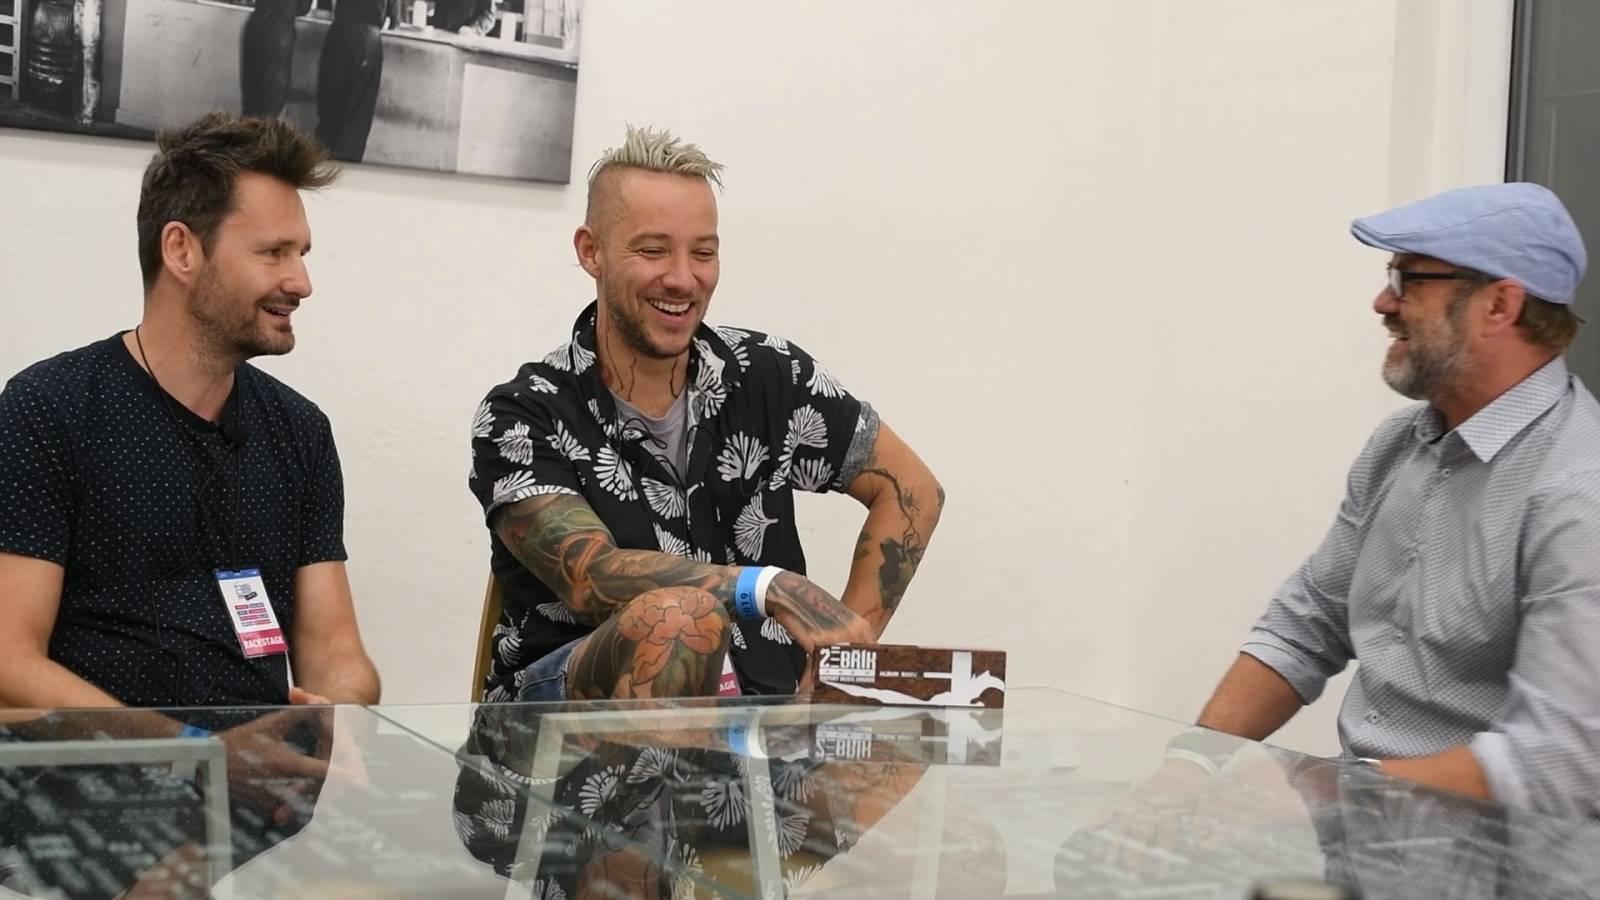 VIDEOROZHOVOR | Skyline: Lidé si teď váží, že mohou jít ven a vidět oblíbené kapely